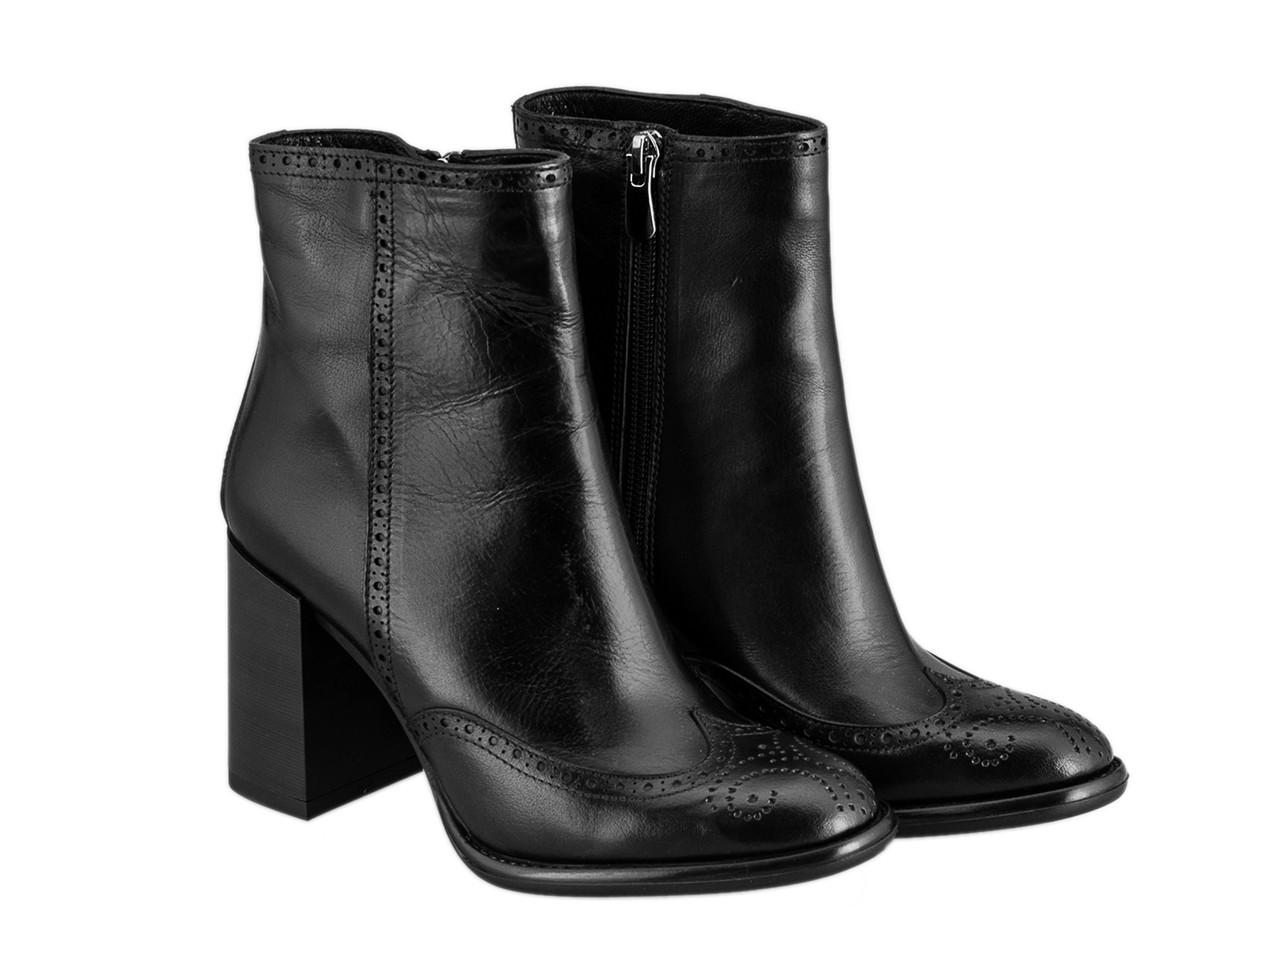 Ботинки Etor 5670-012-1440 черные